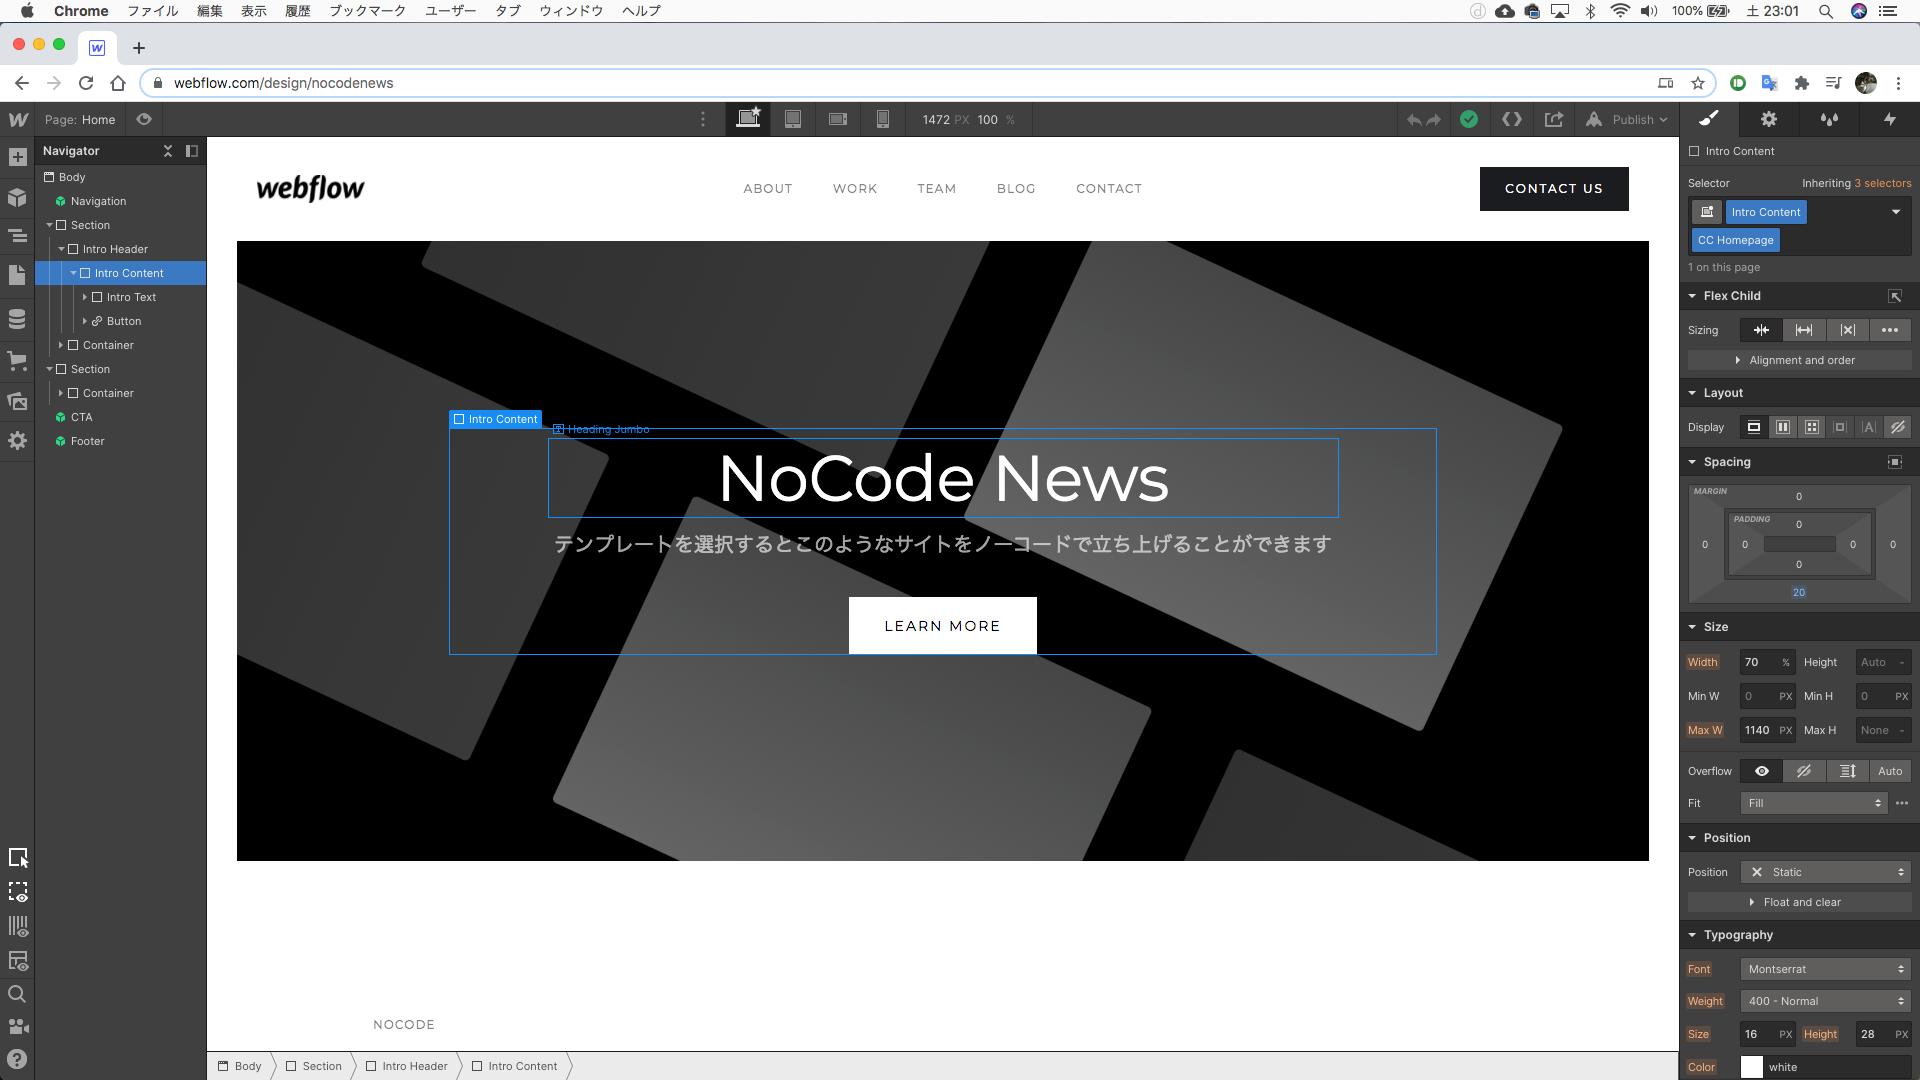 スクリーンショット 2020-09-05 23.01.36(2).png